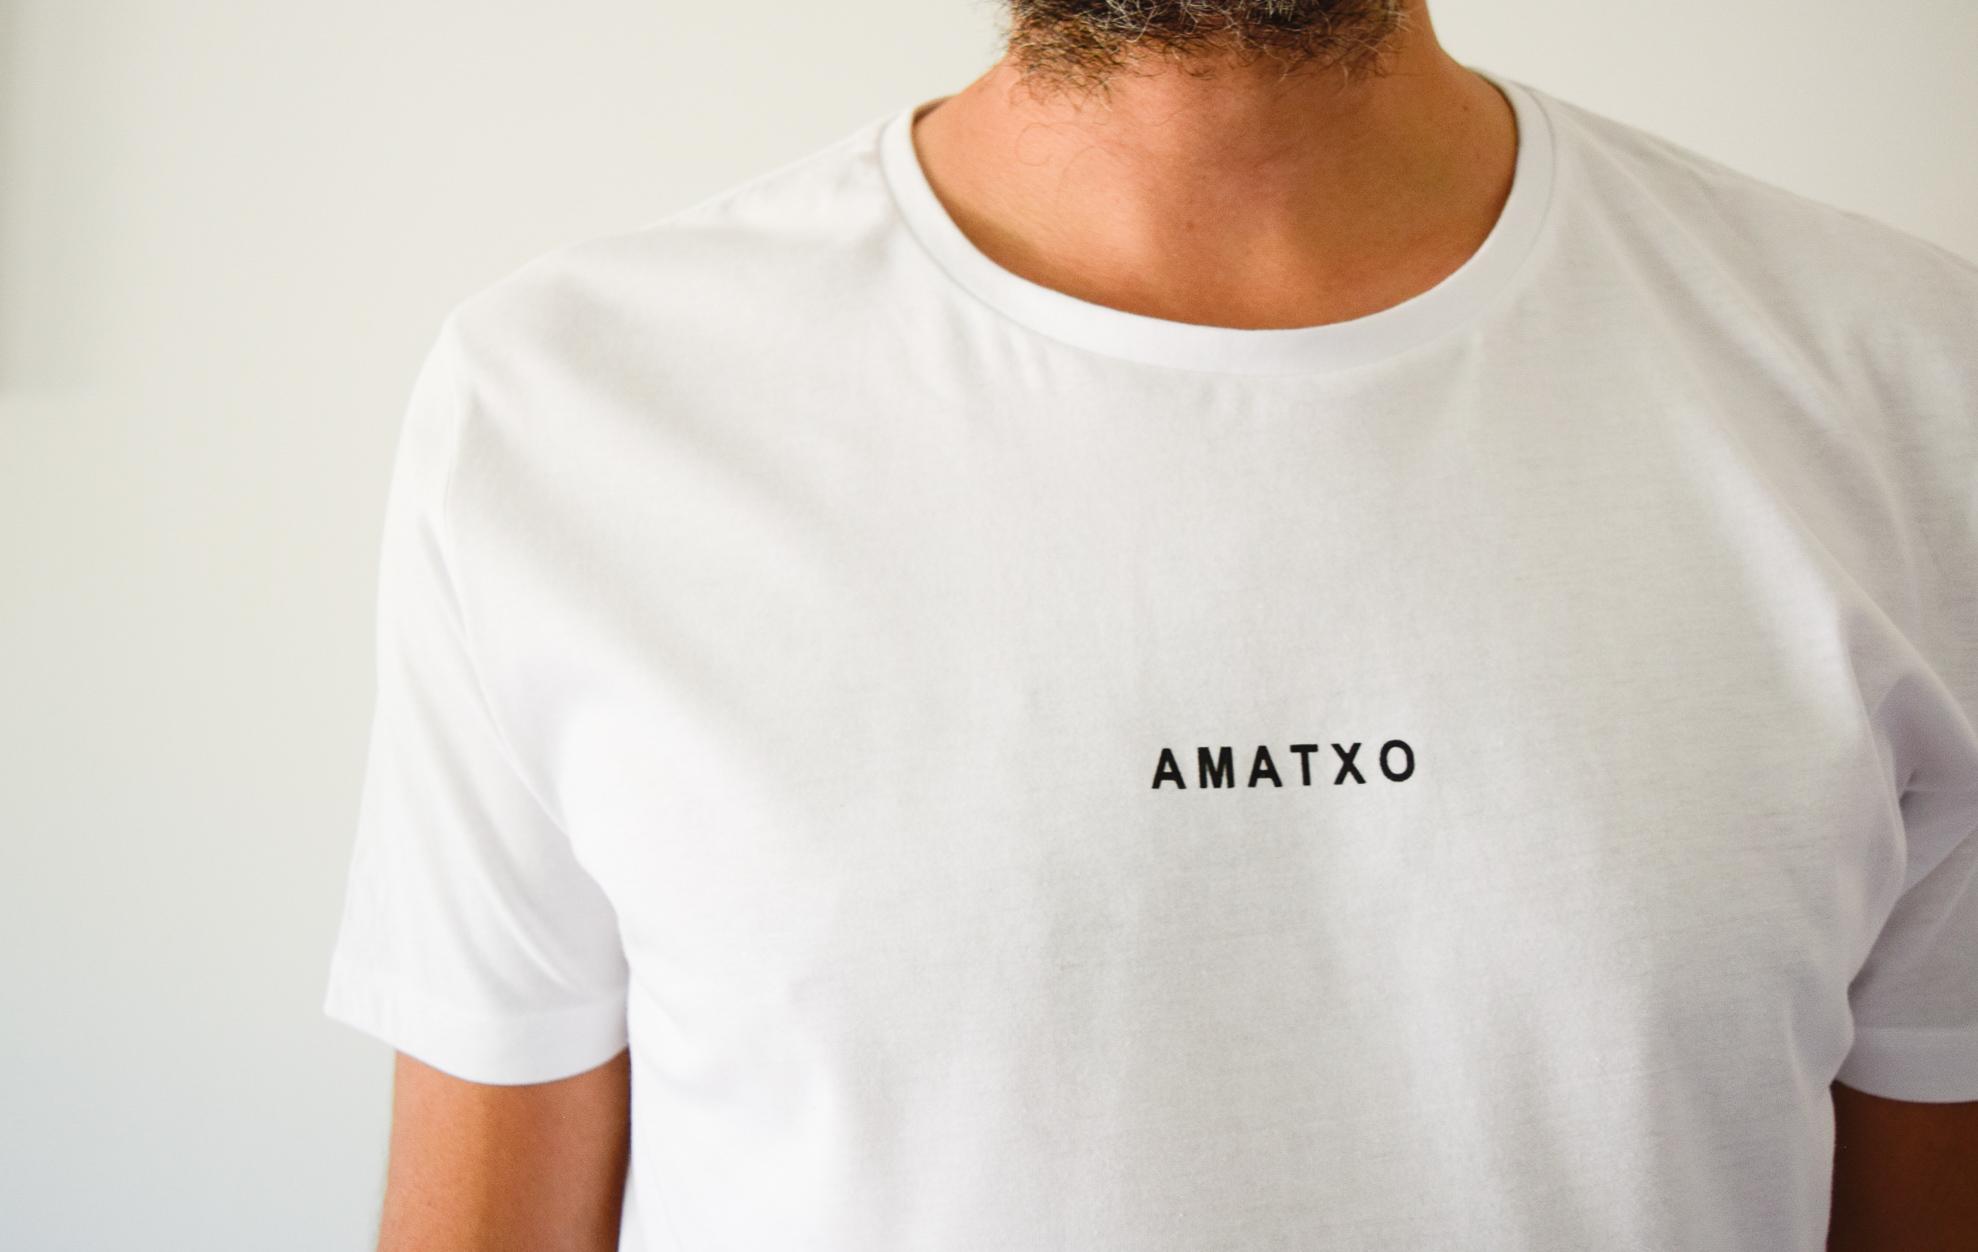 camiseta amatxo blanco chico